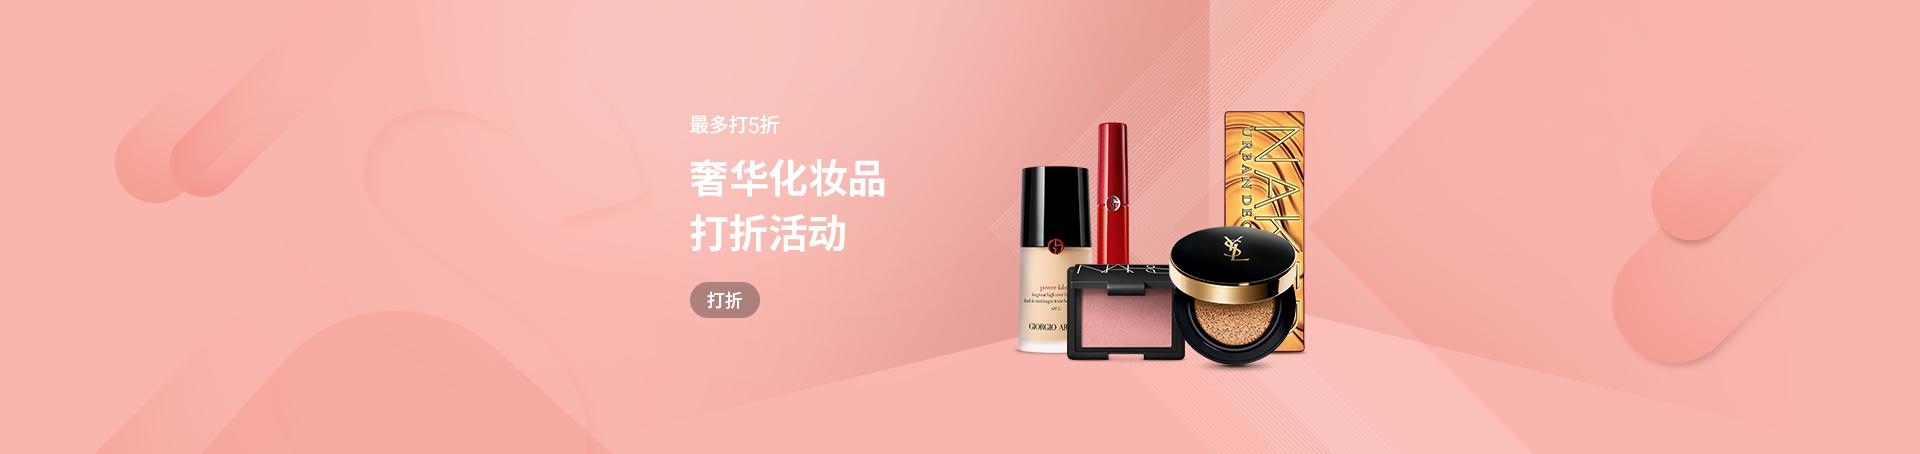 奢华化妆品 打折活动